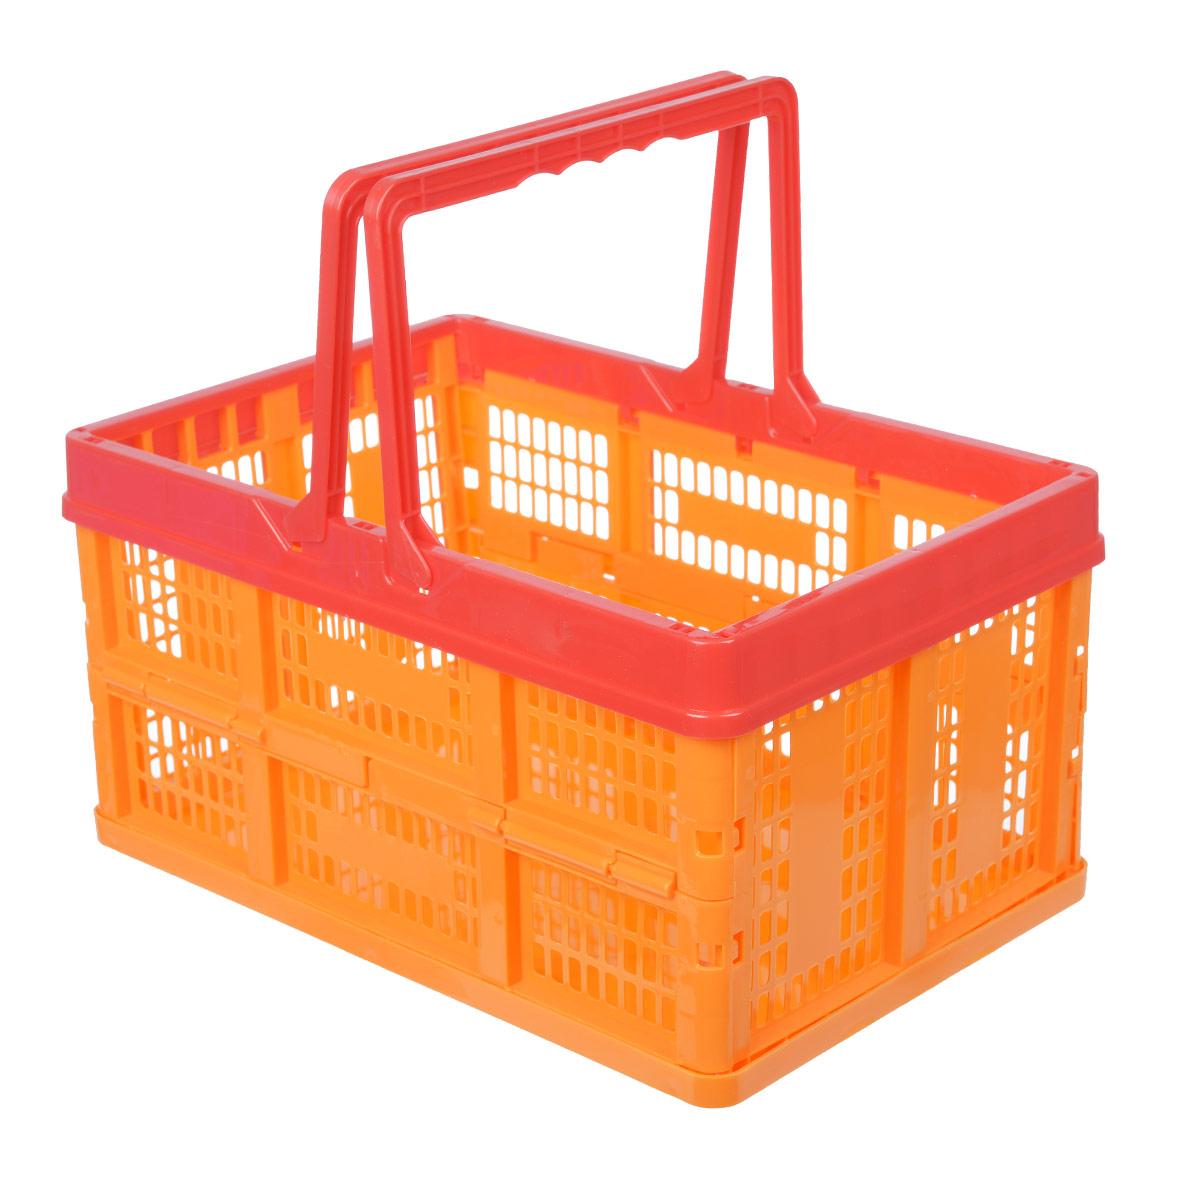 Ящик универсальный Альтернатива, раскладной, цвет: красный, оранжевый, 38,5 х 25,5 х 21 смM1834Универсальный ящик Альтернатива изготовлен из высококачественного пластика. Ящик предназначен для хранения и транспортировки овощей. Он оснащен ручками для переноски. При необходимости ящик можно сложить. Ящик компактный, он не займет много места. Универсальный ящик Альтернатива станет незаменимым дома или на даче. Размер ящика (ДхШхВ): 38,5см х 25,5 см х 21 см.